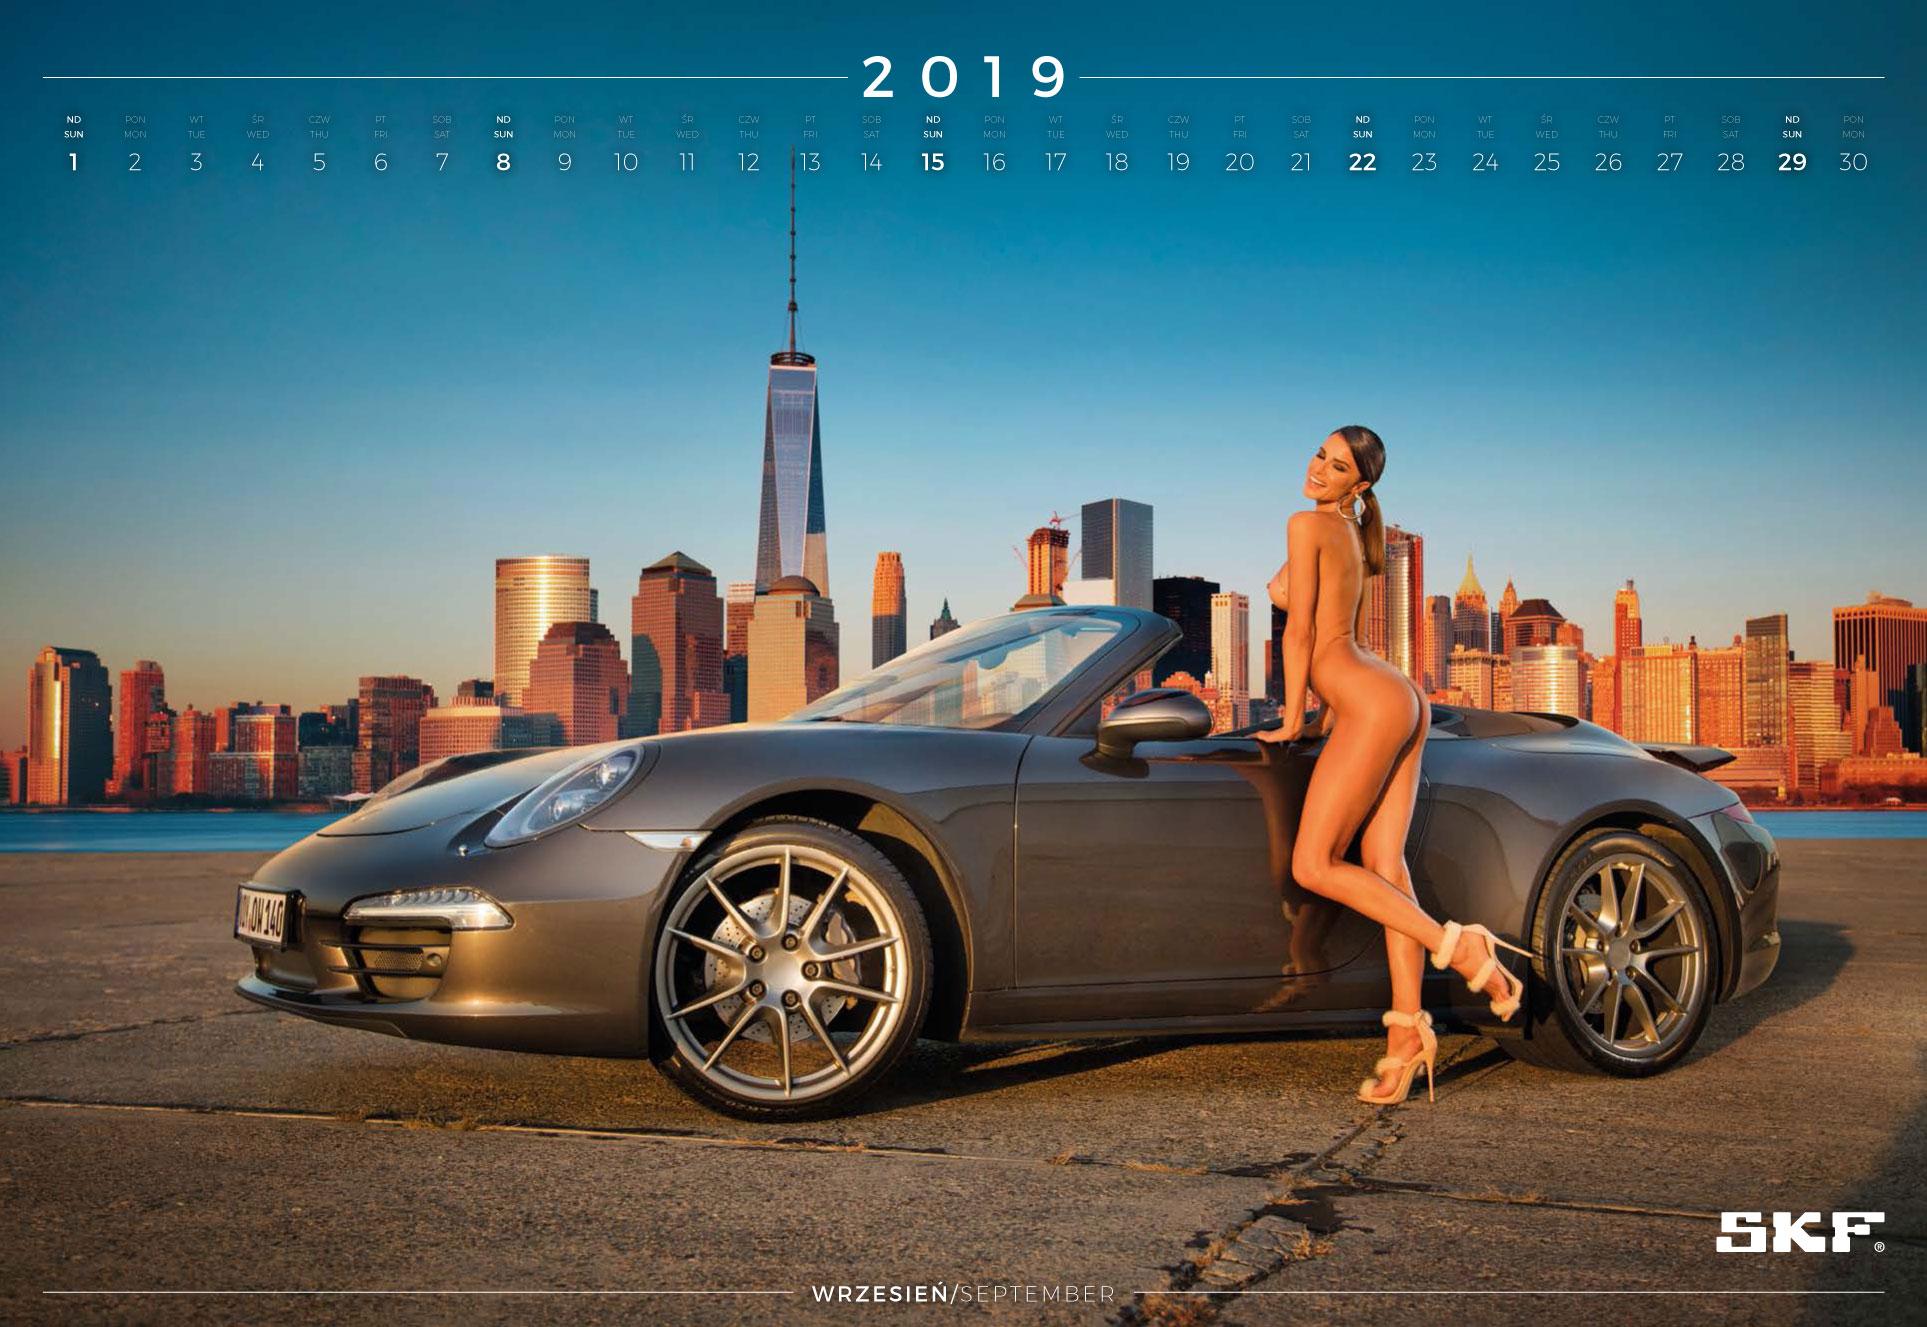 сентябрь - эротический календарь 2019 Inter Cars SA / польский дистрибьютор автомобилей, сопутствующих товаров и запчастей